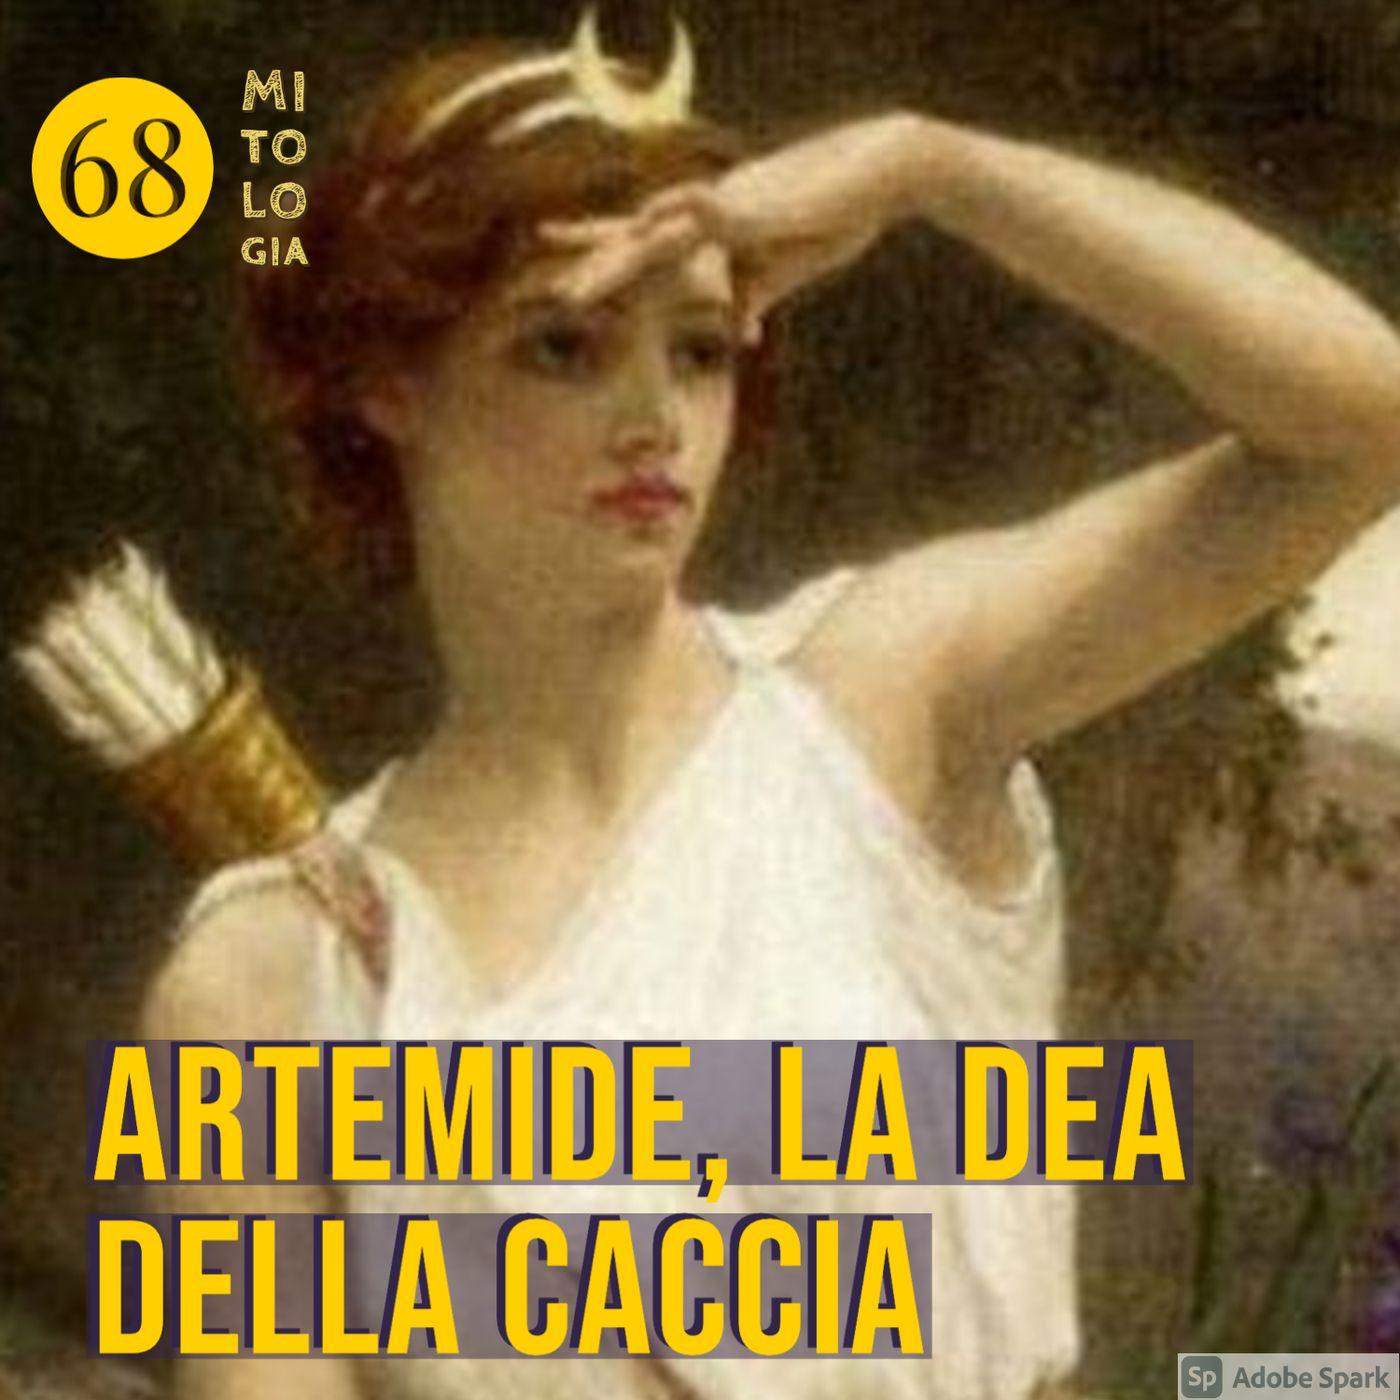 Artemide, la dea della caccia